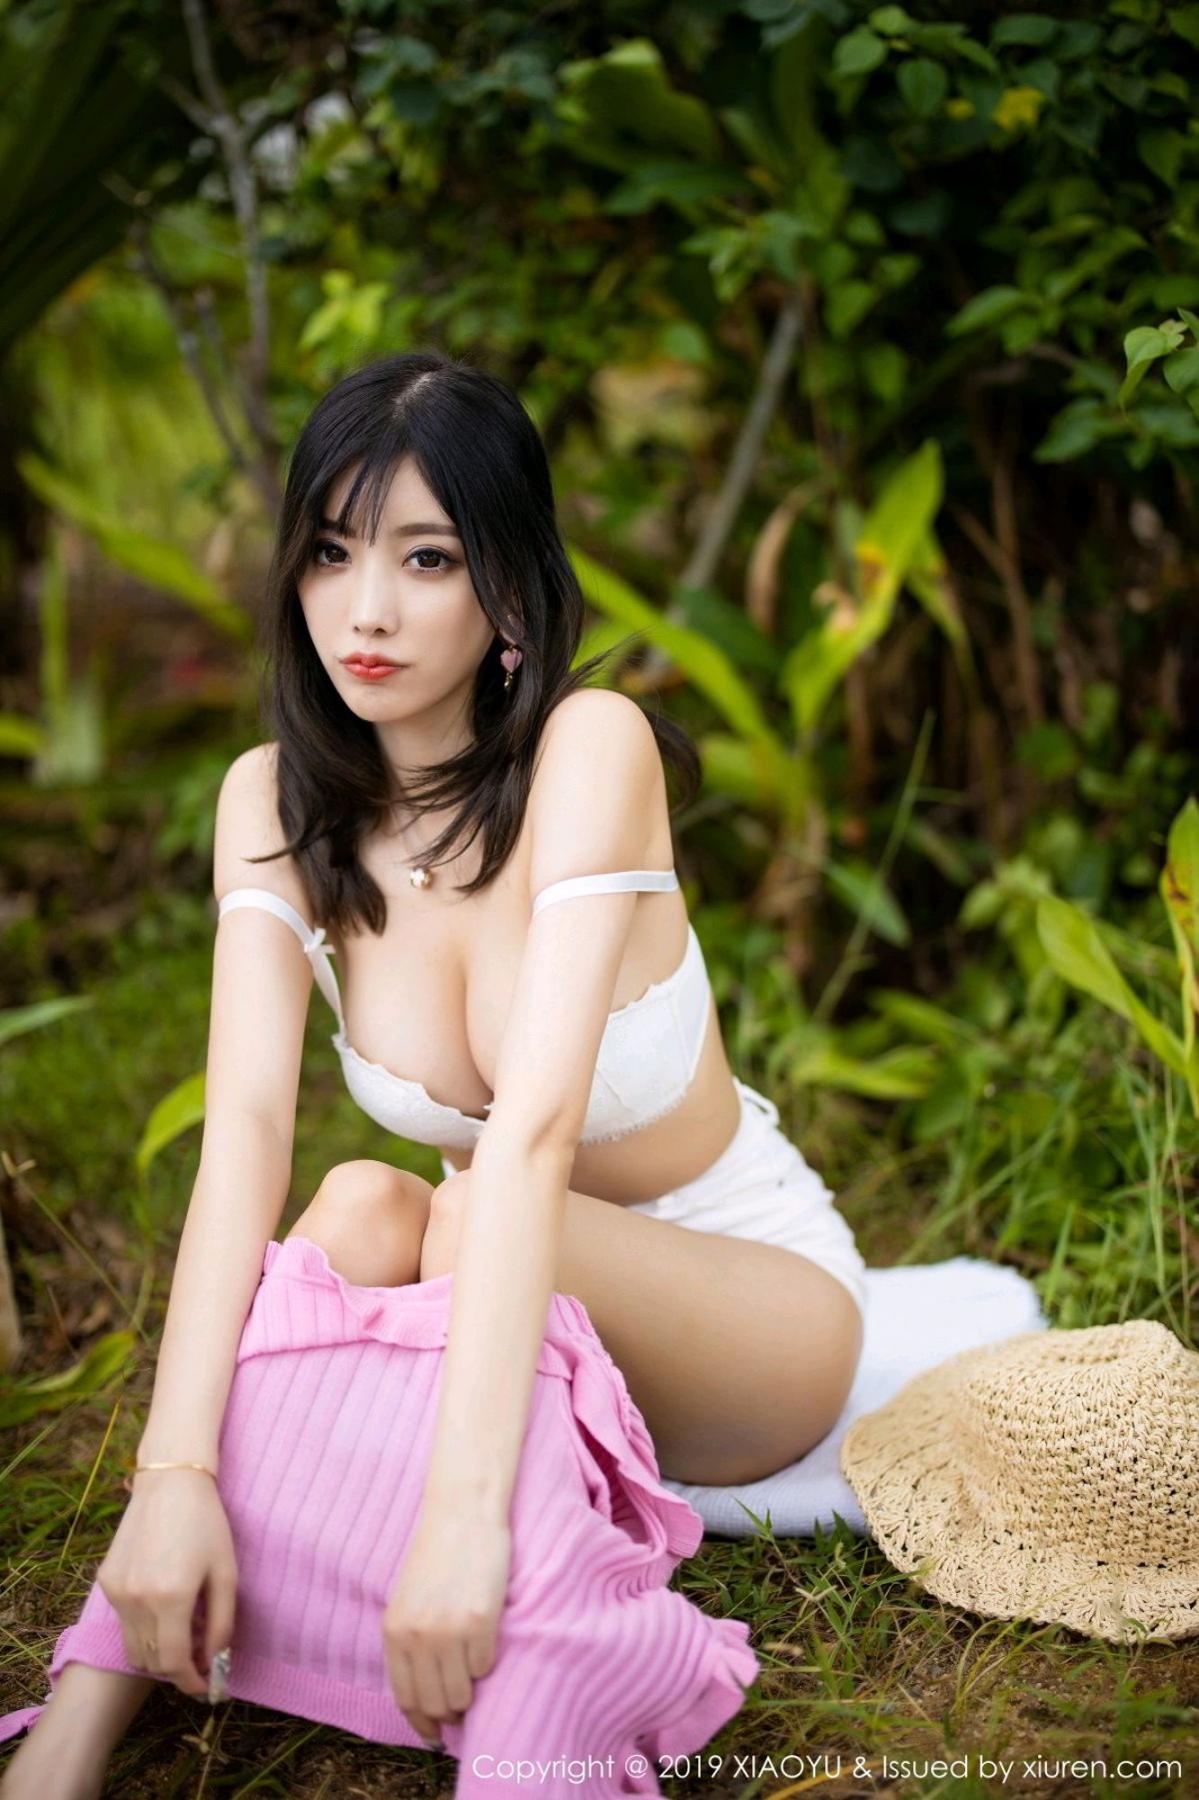 [XiaoYu] Vol.169 Yang Chen Chen 32P, Outdoor, Underwear, XiaoYu, Yang Chen Chen